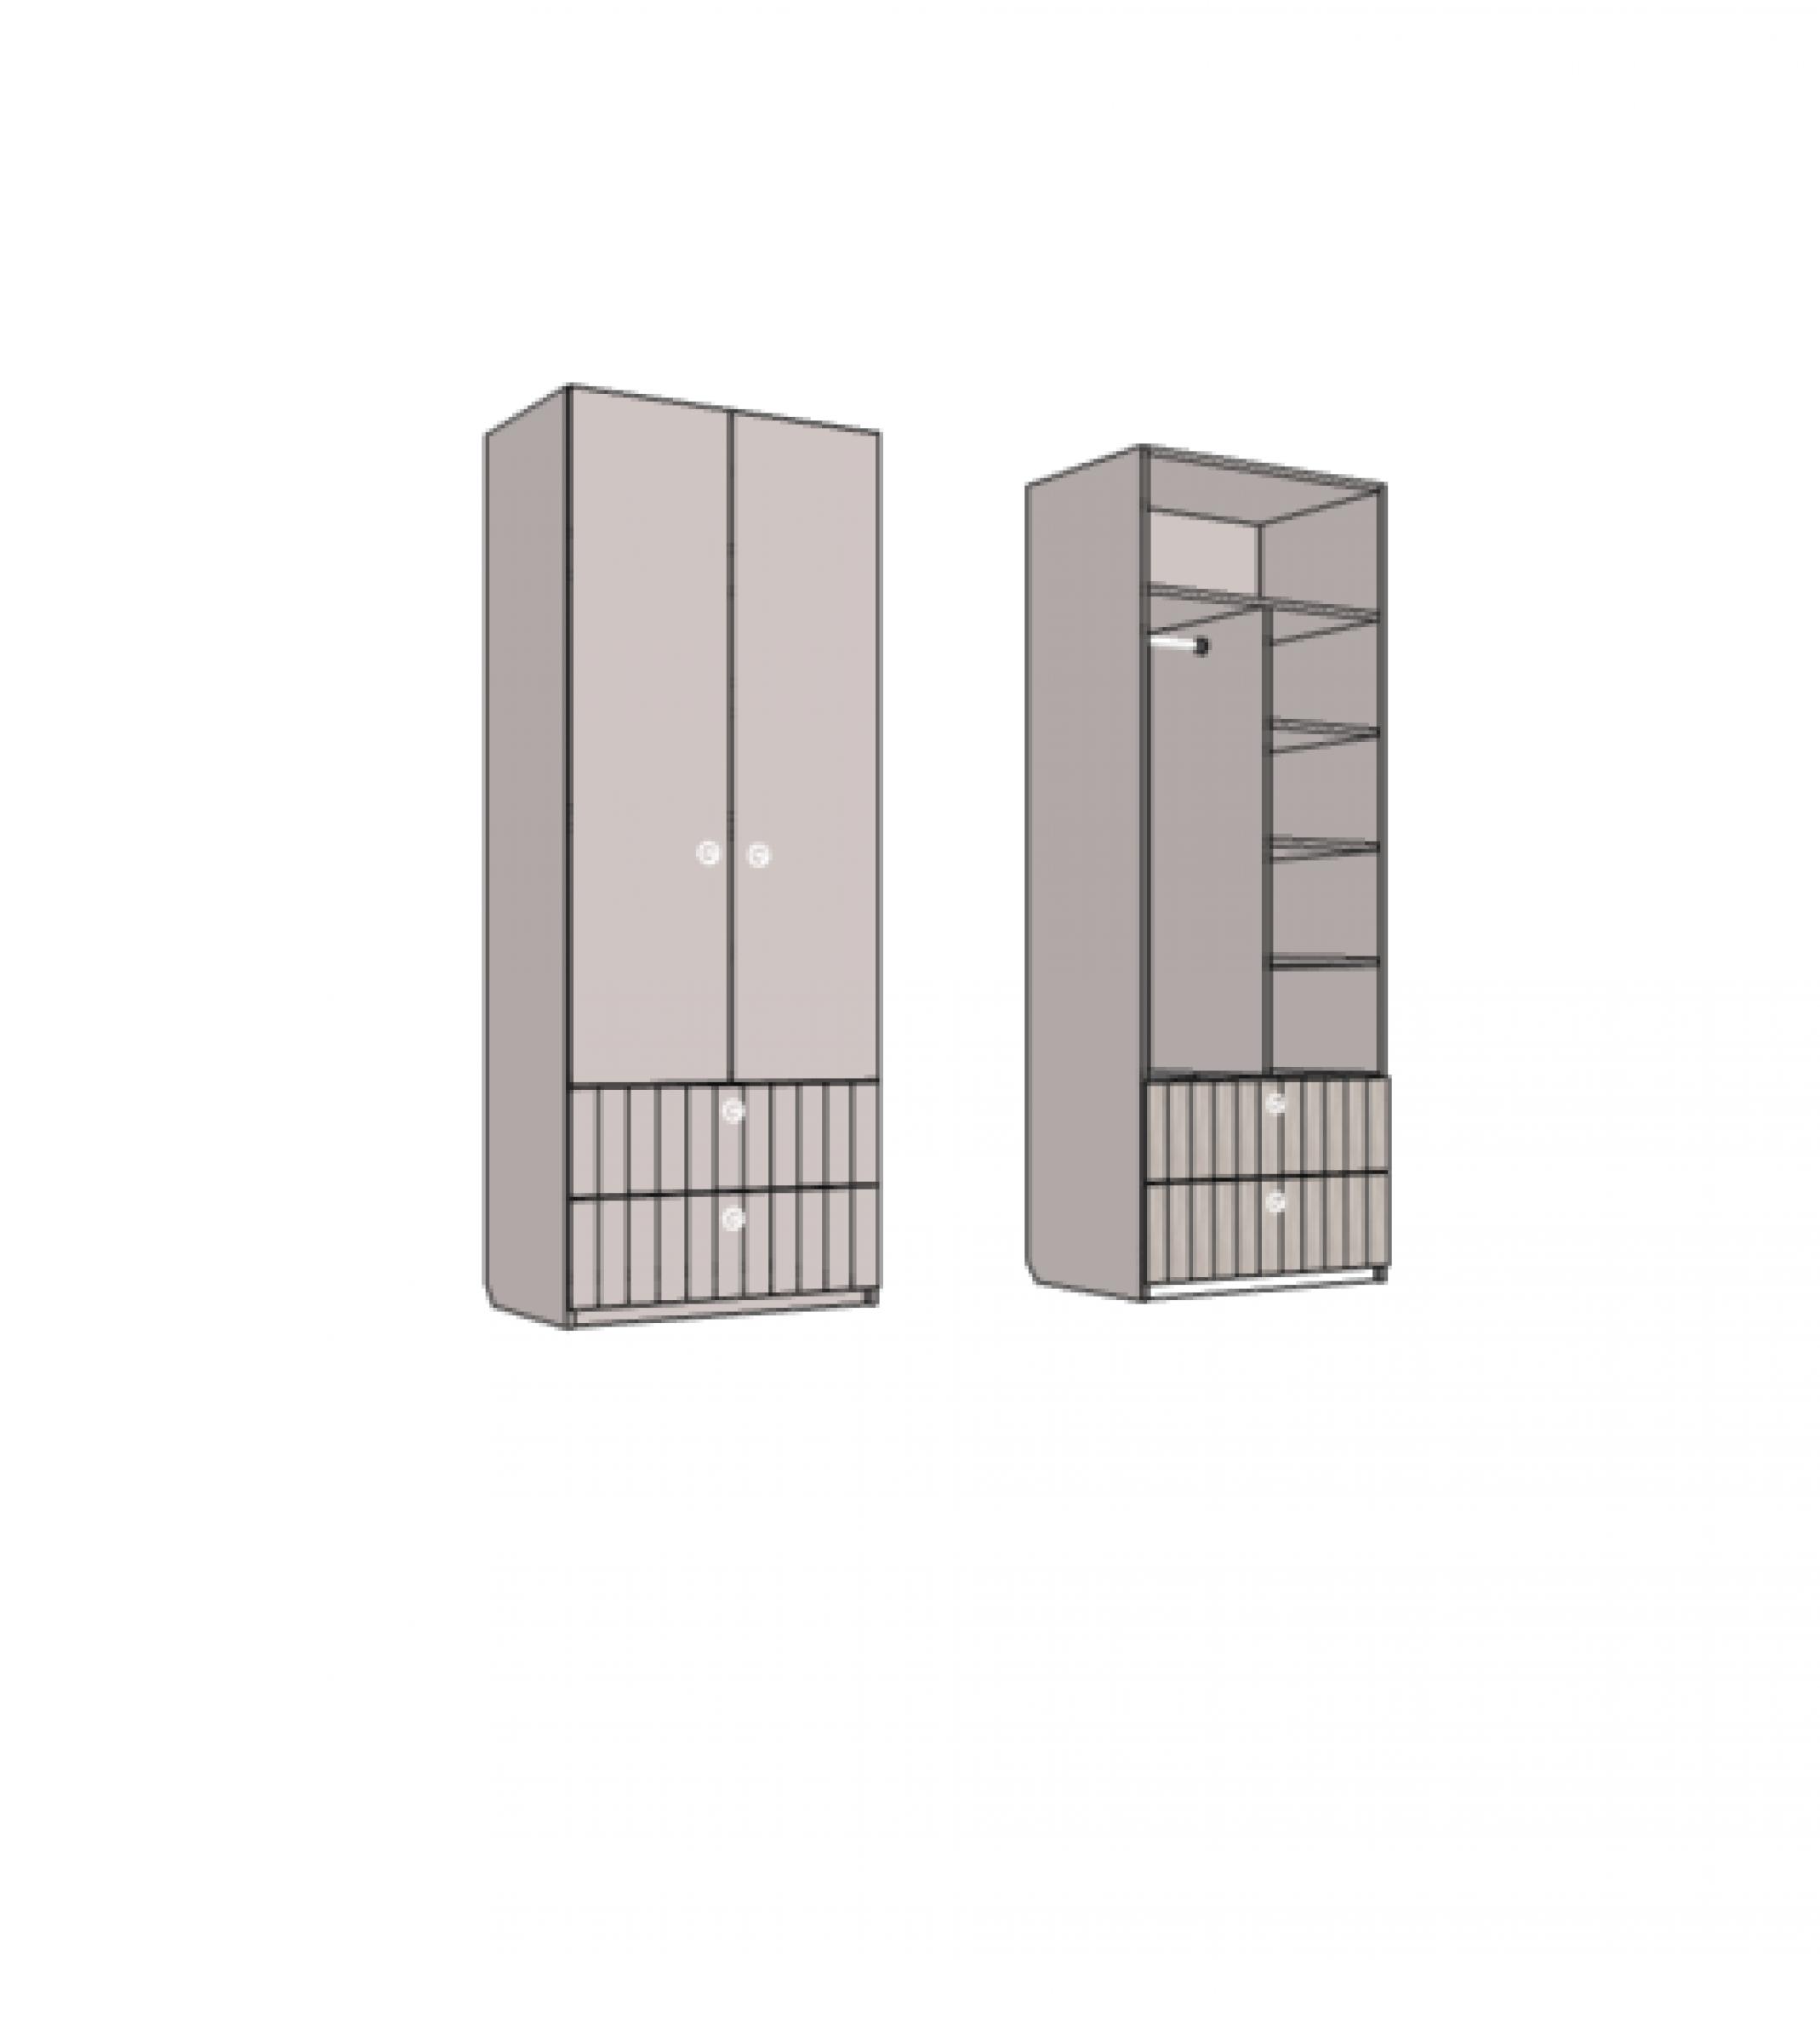 Шкаф двухдверный комбинированный, с 2-мя ящиками. Артикул: VS3_77